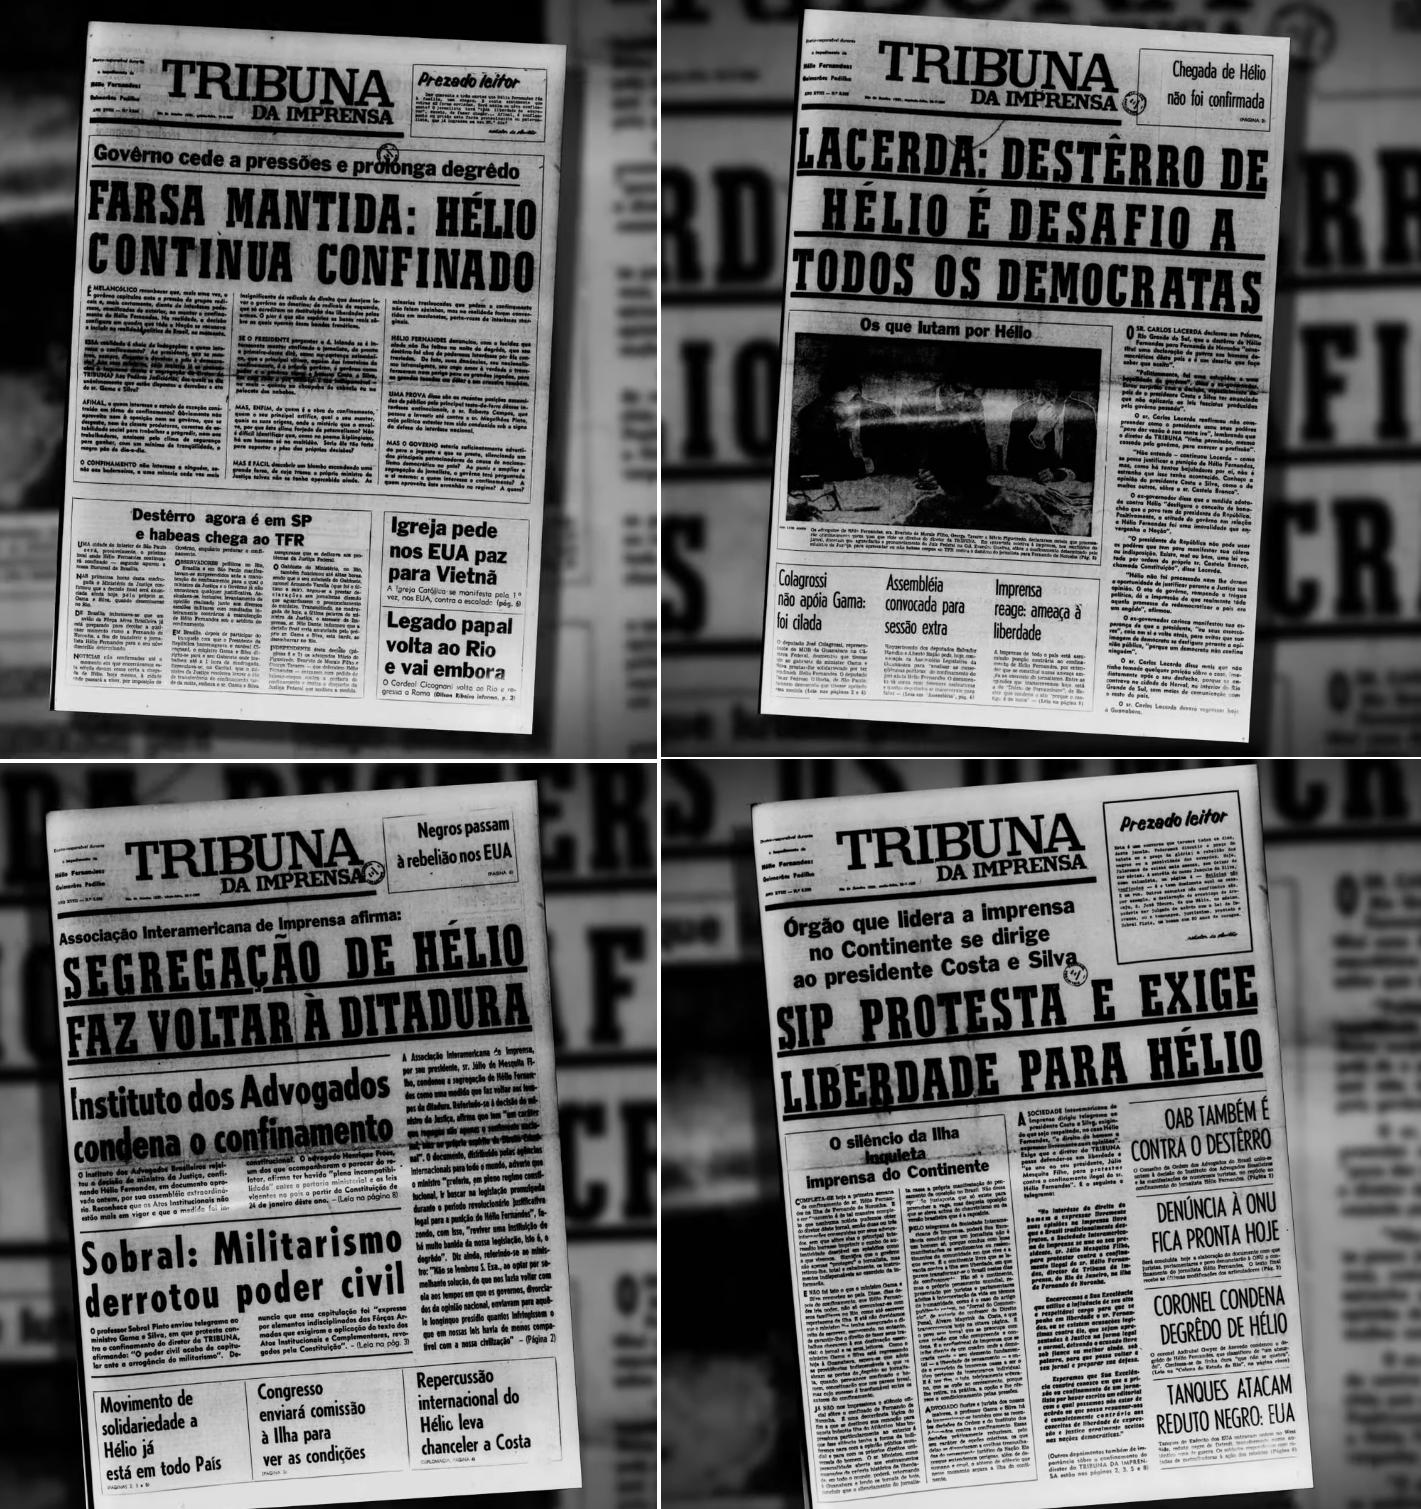 Campanha da Tribuna da Imprensa contra confinamento de Fernandes: resultado oposto ao esperado pelos militares. Crédito: reprodução.